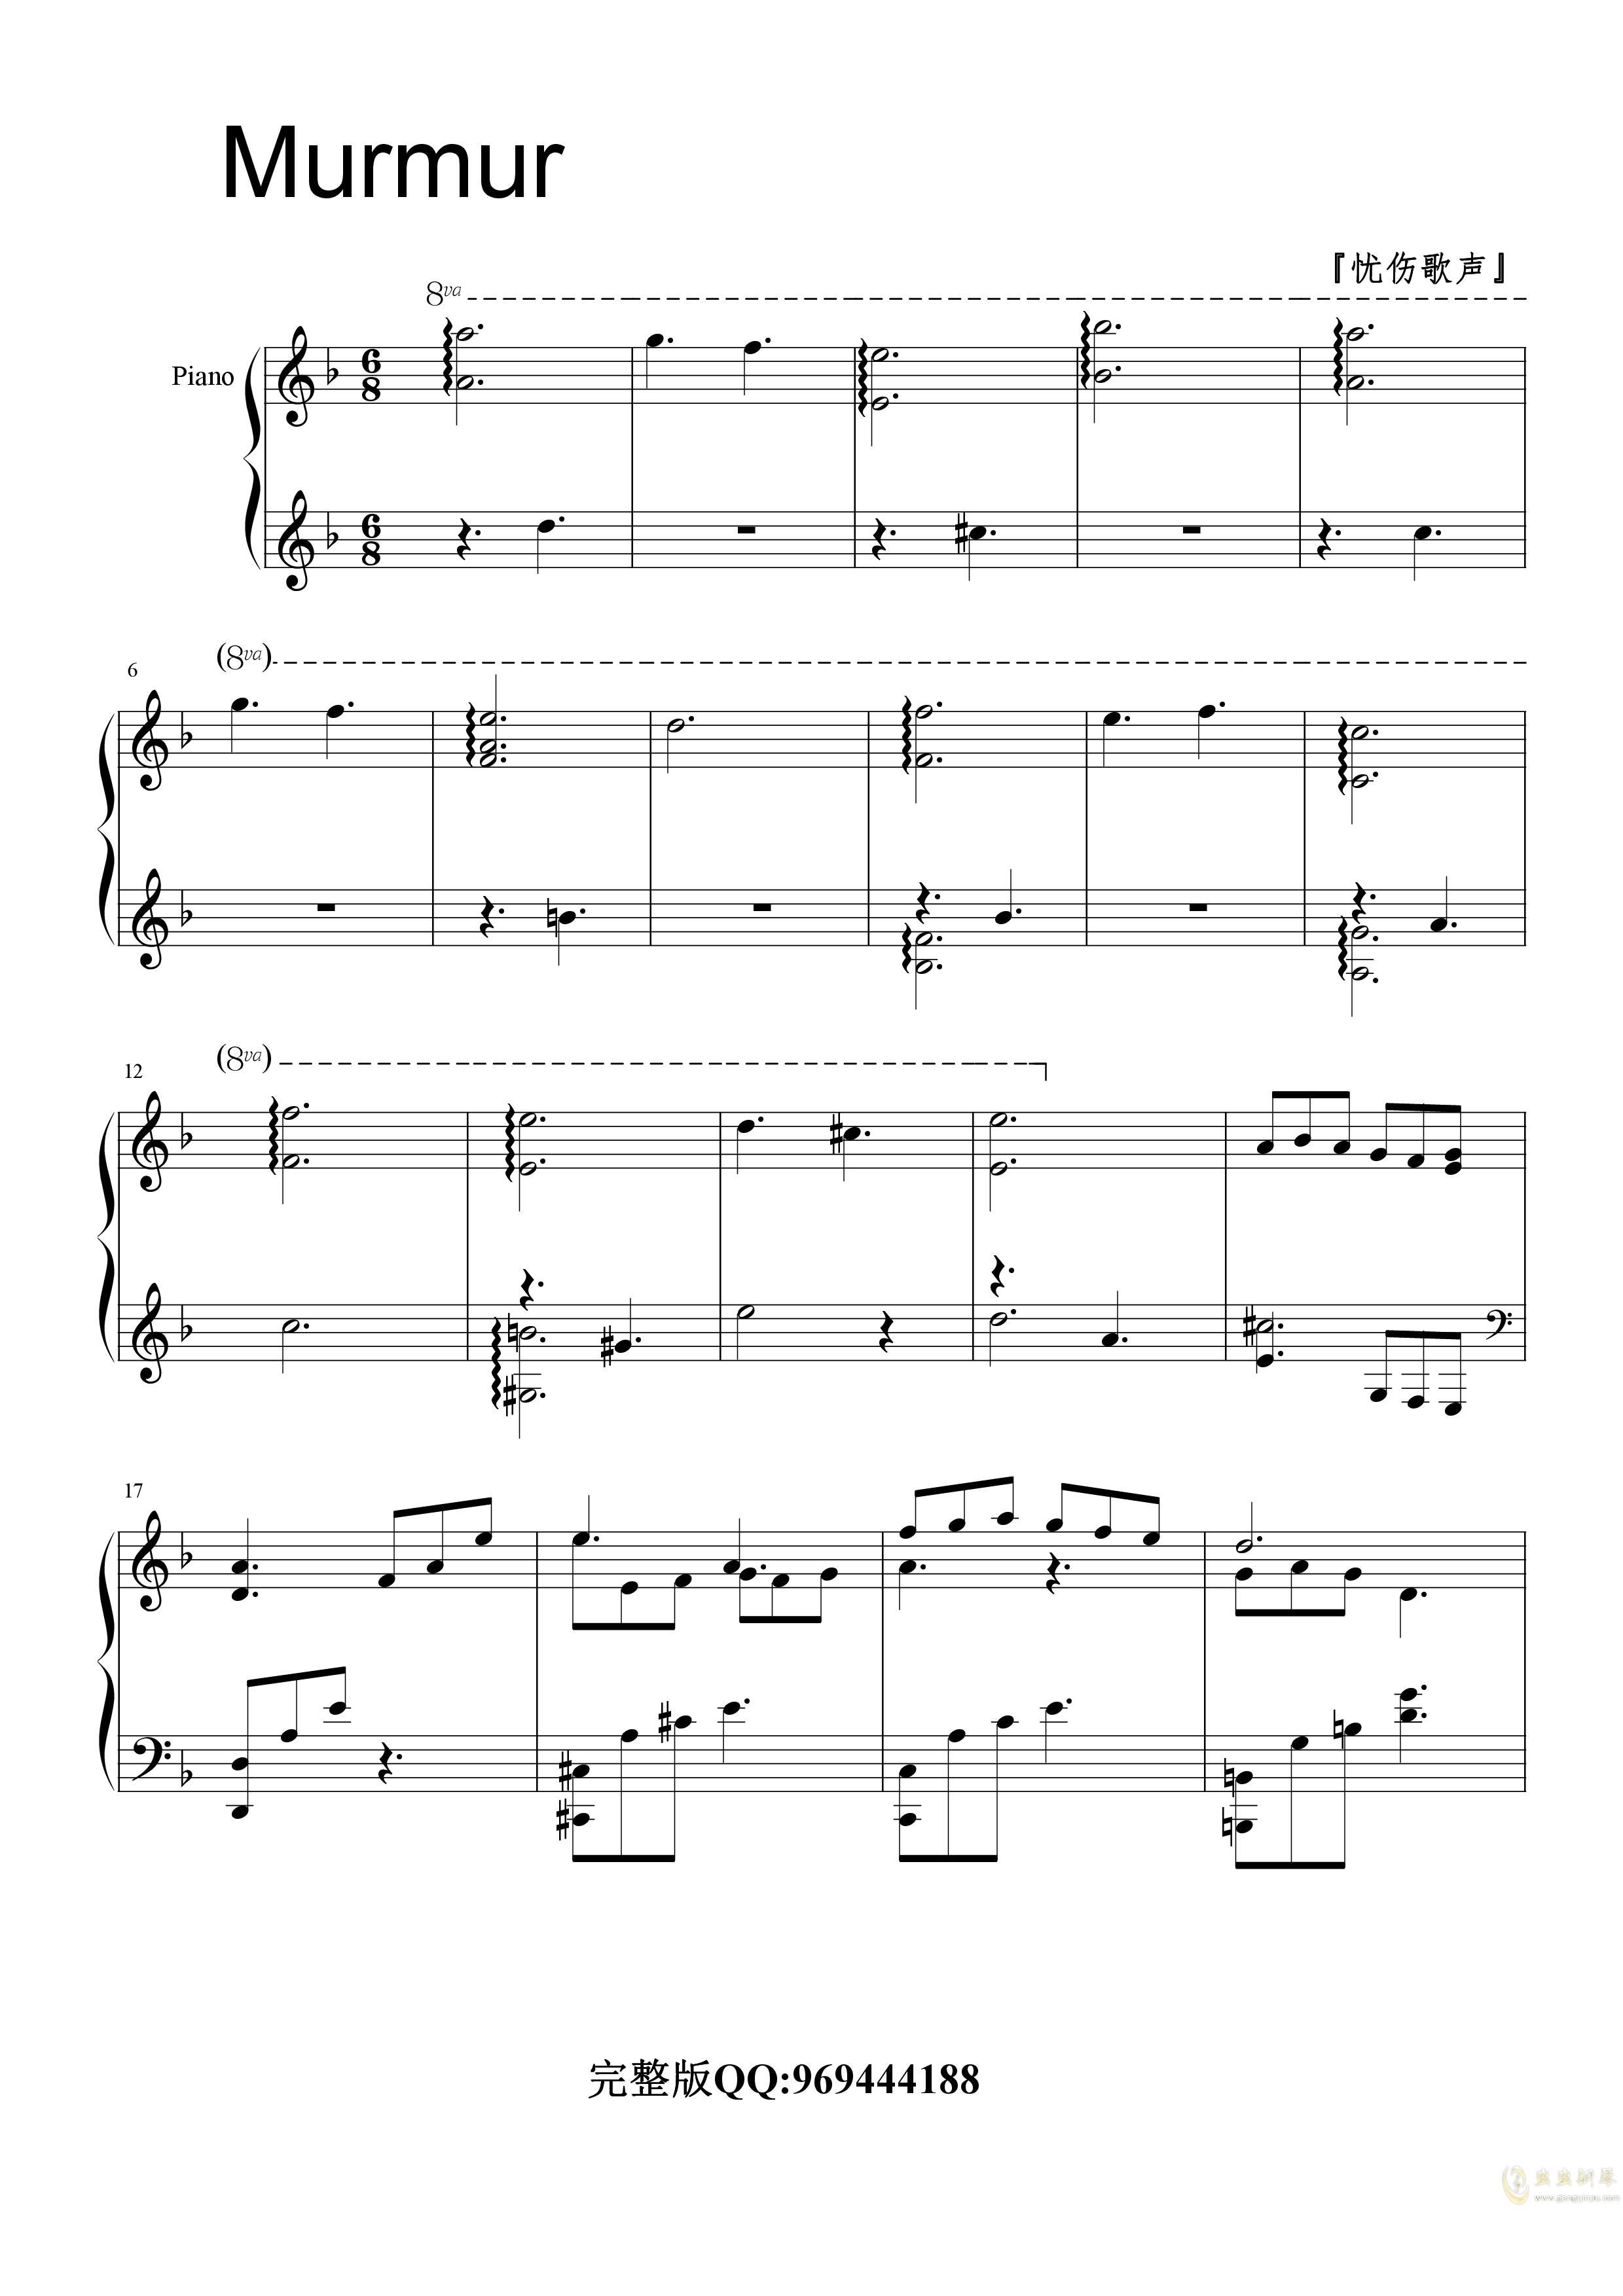 Murmur钢琴谱 第1页